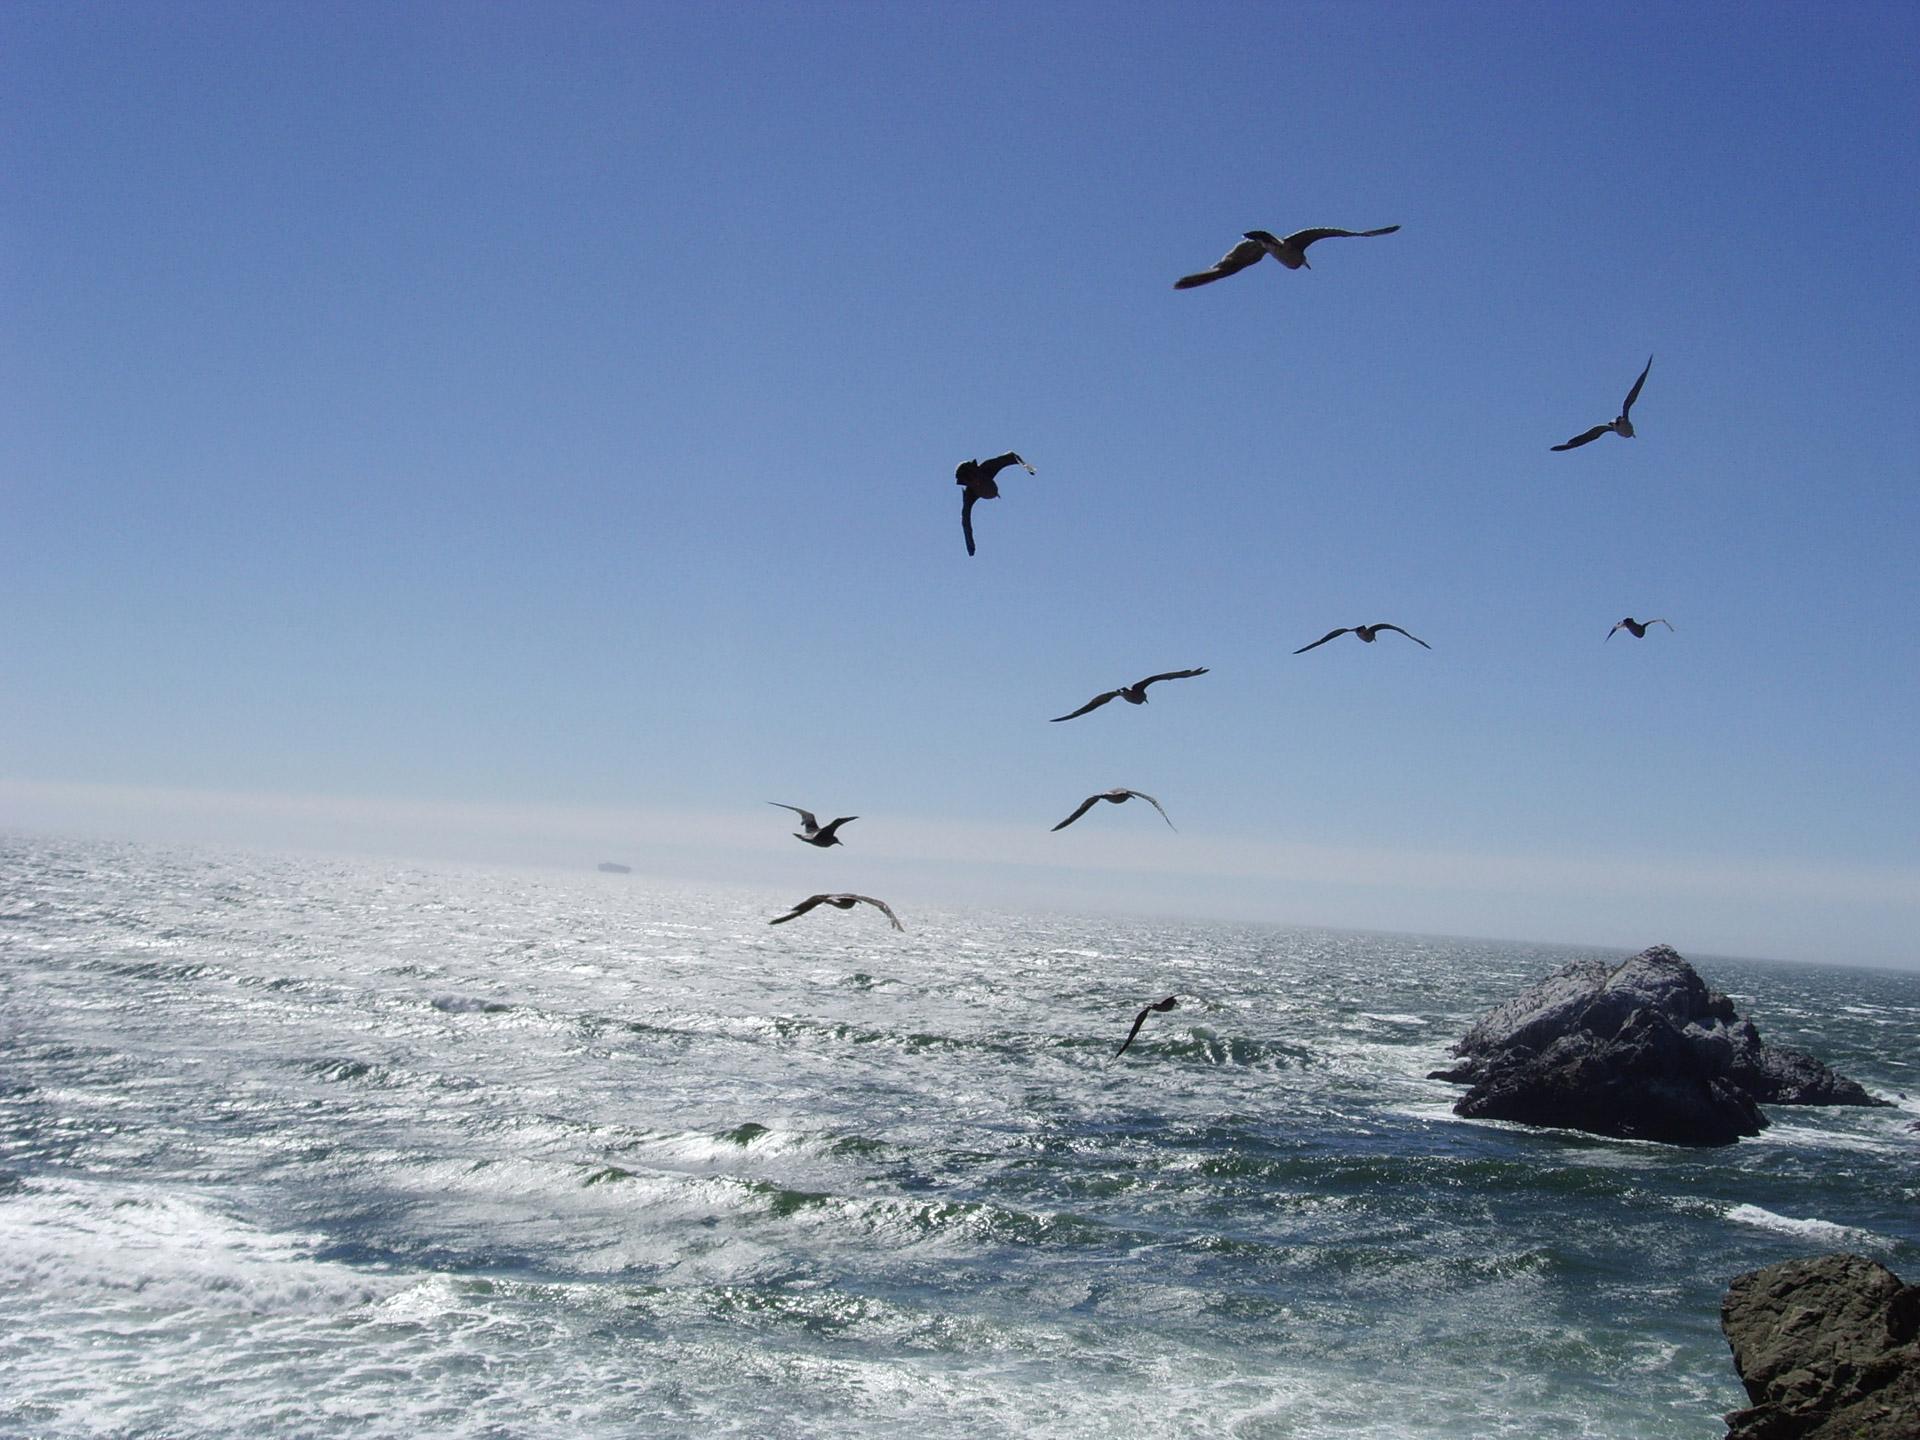 seagulls_flying_over_ocean.jpg